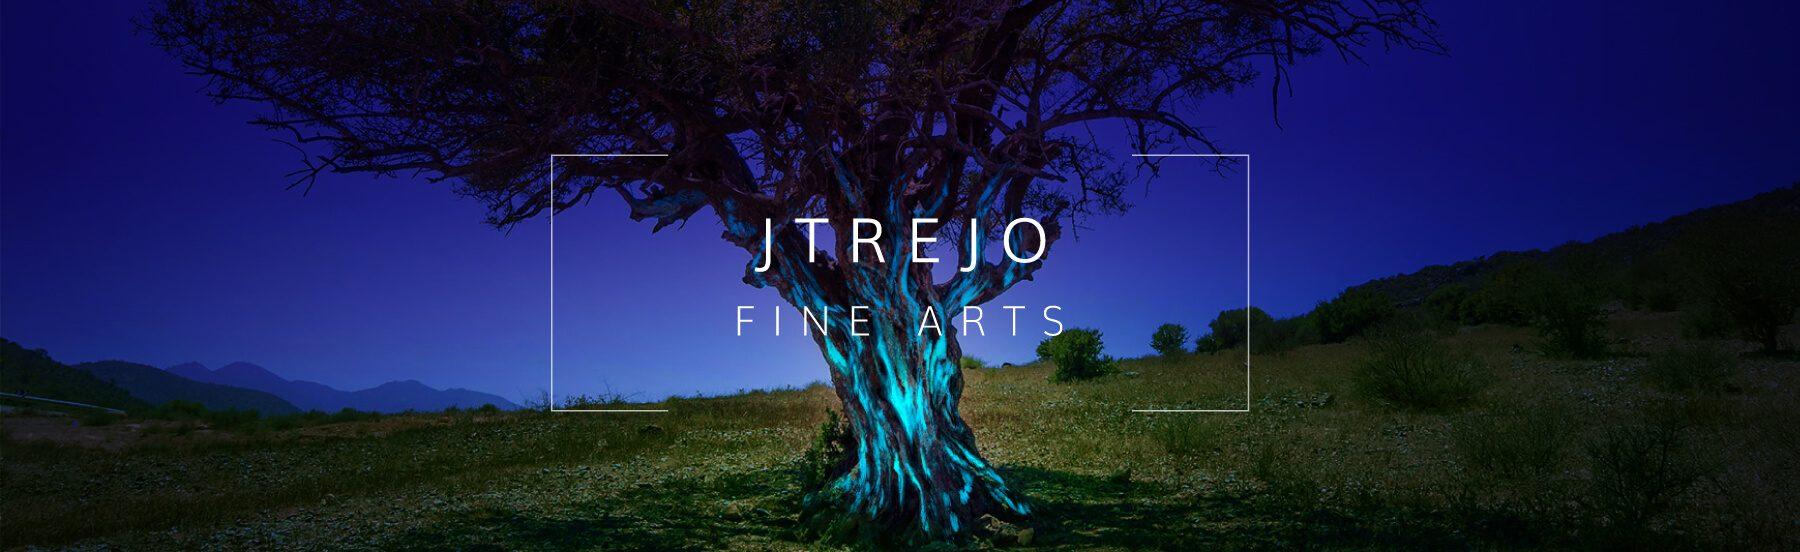 jtrejo-banner